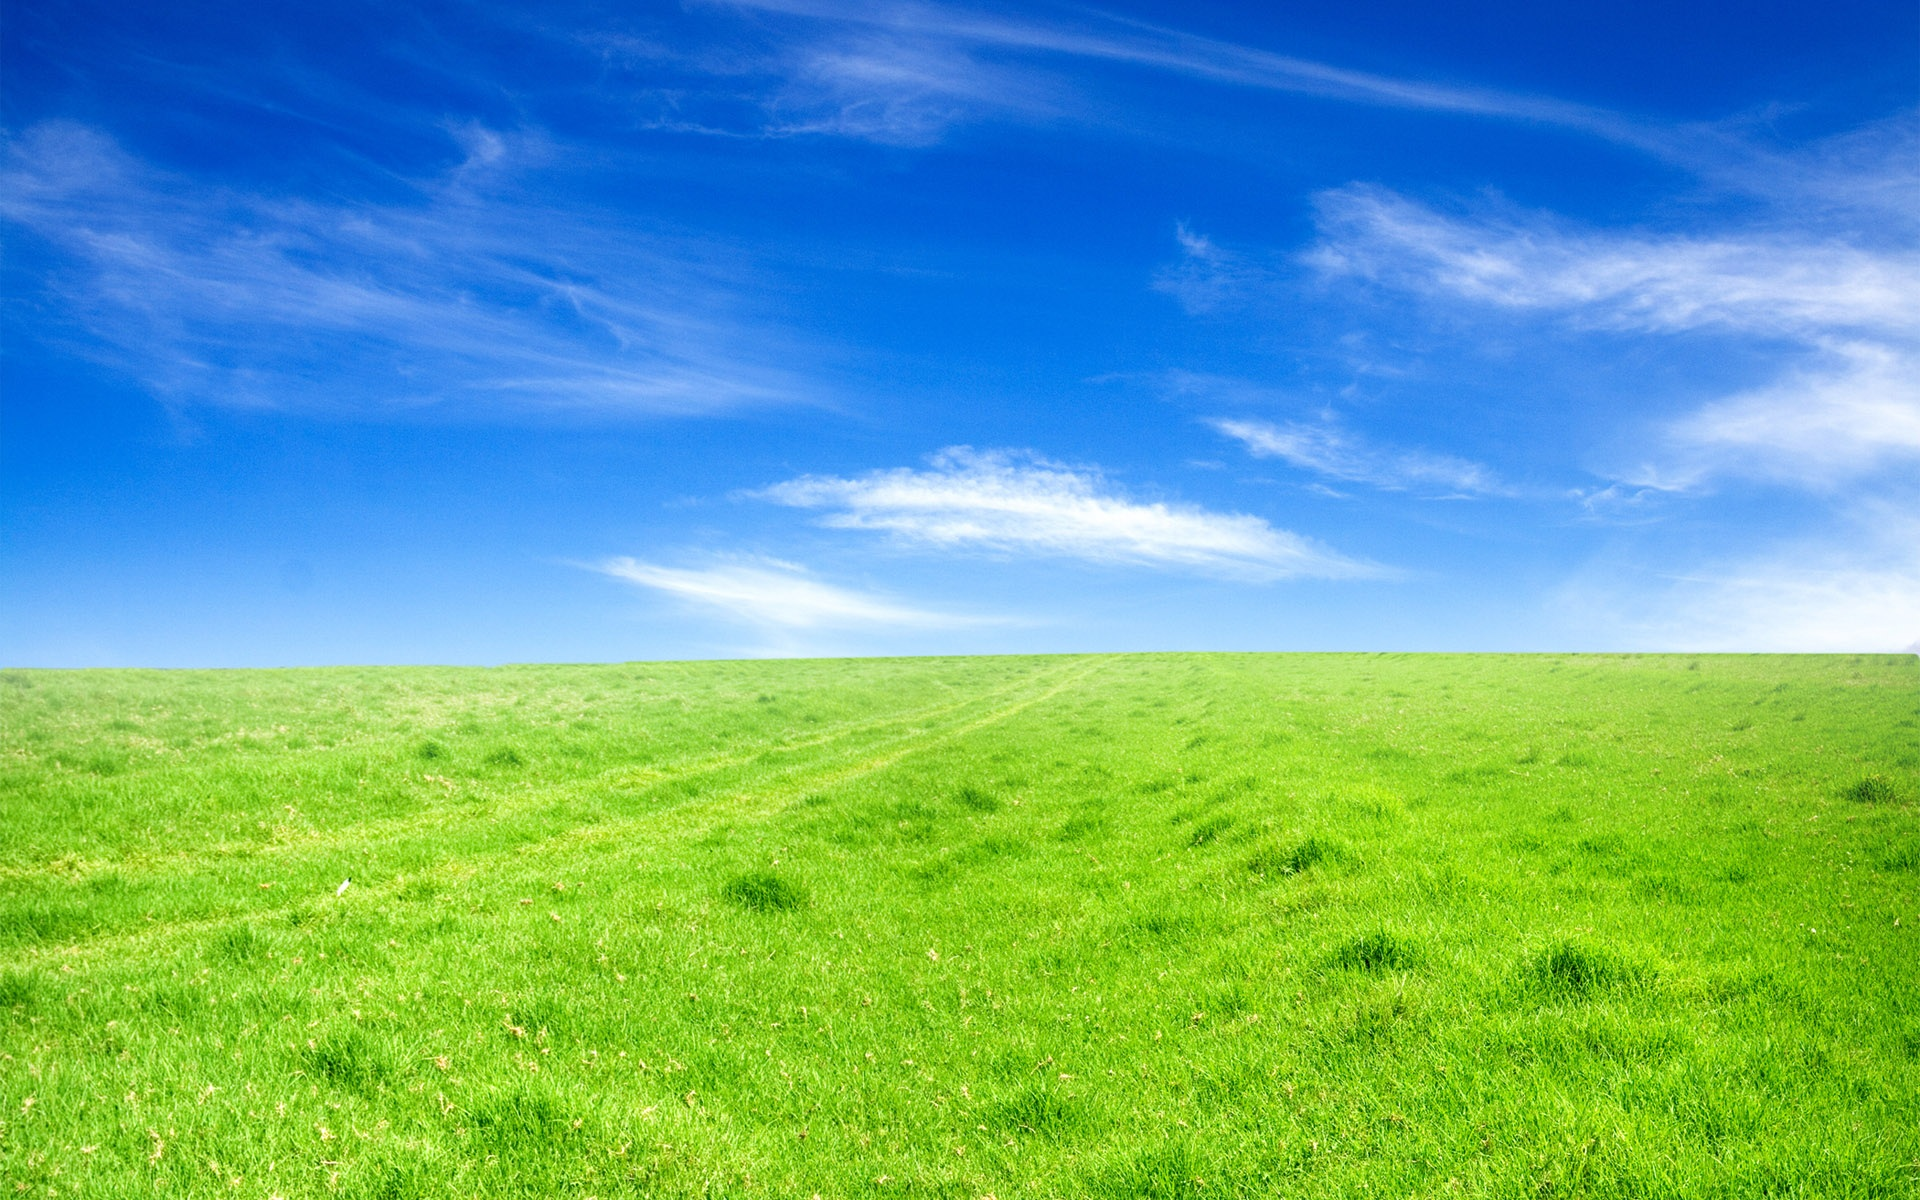 green grass blue sky landscape-1600x1200. green grass blue sky 5